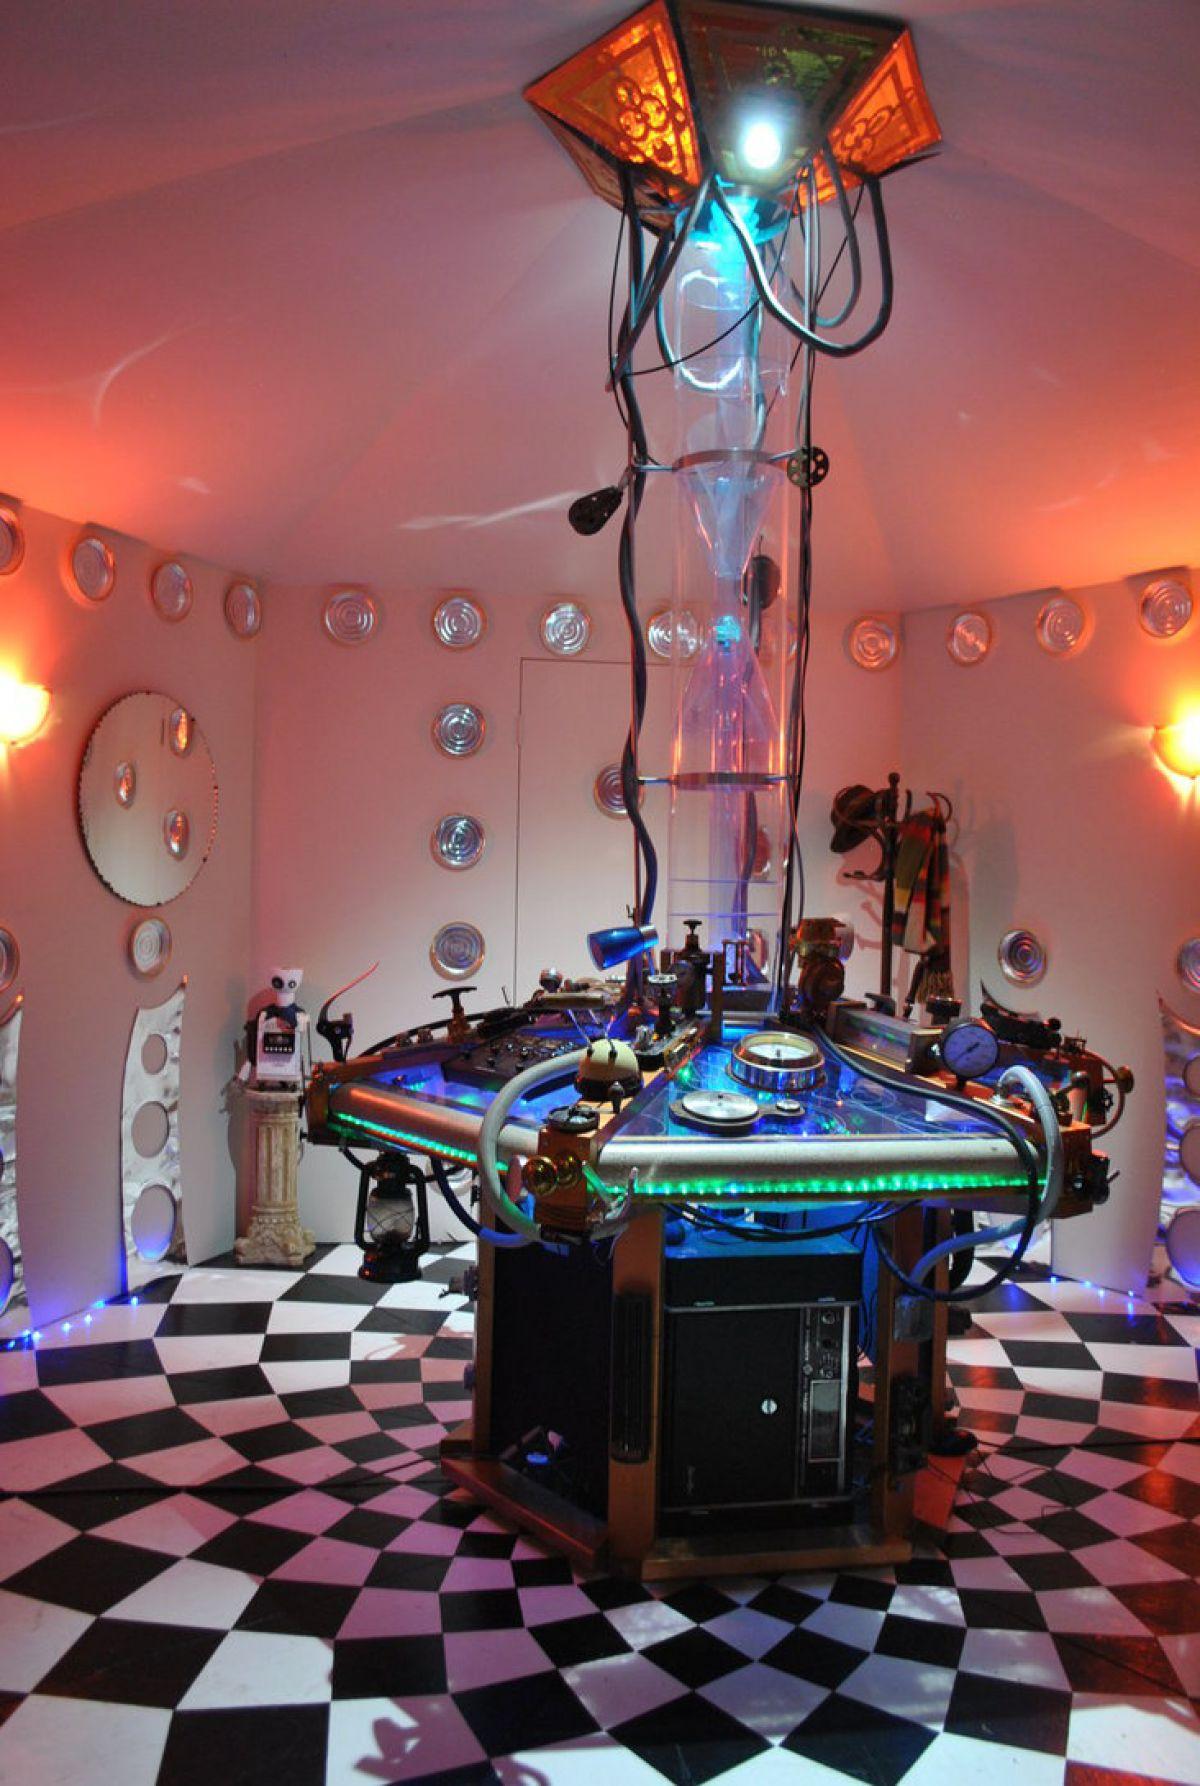 Habitación que simula ser la nave Tardis del Doctor Who